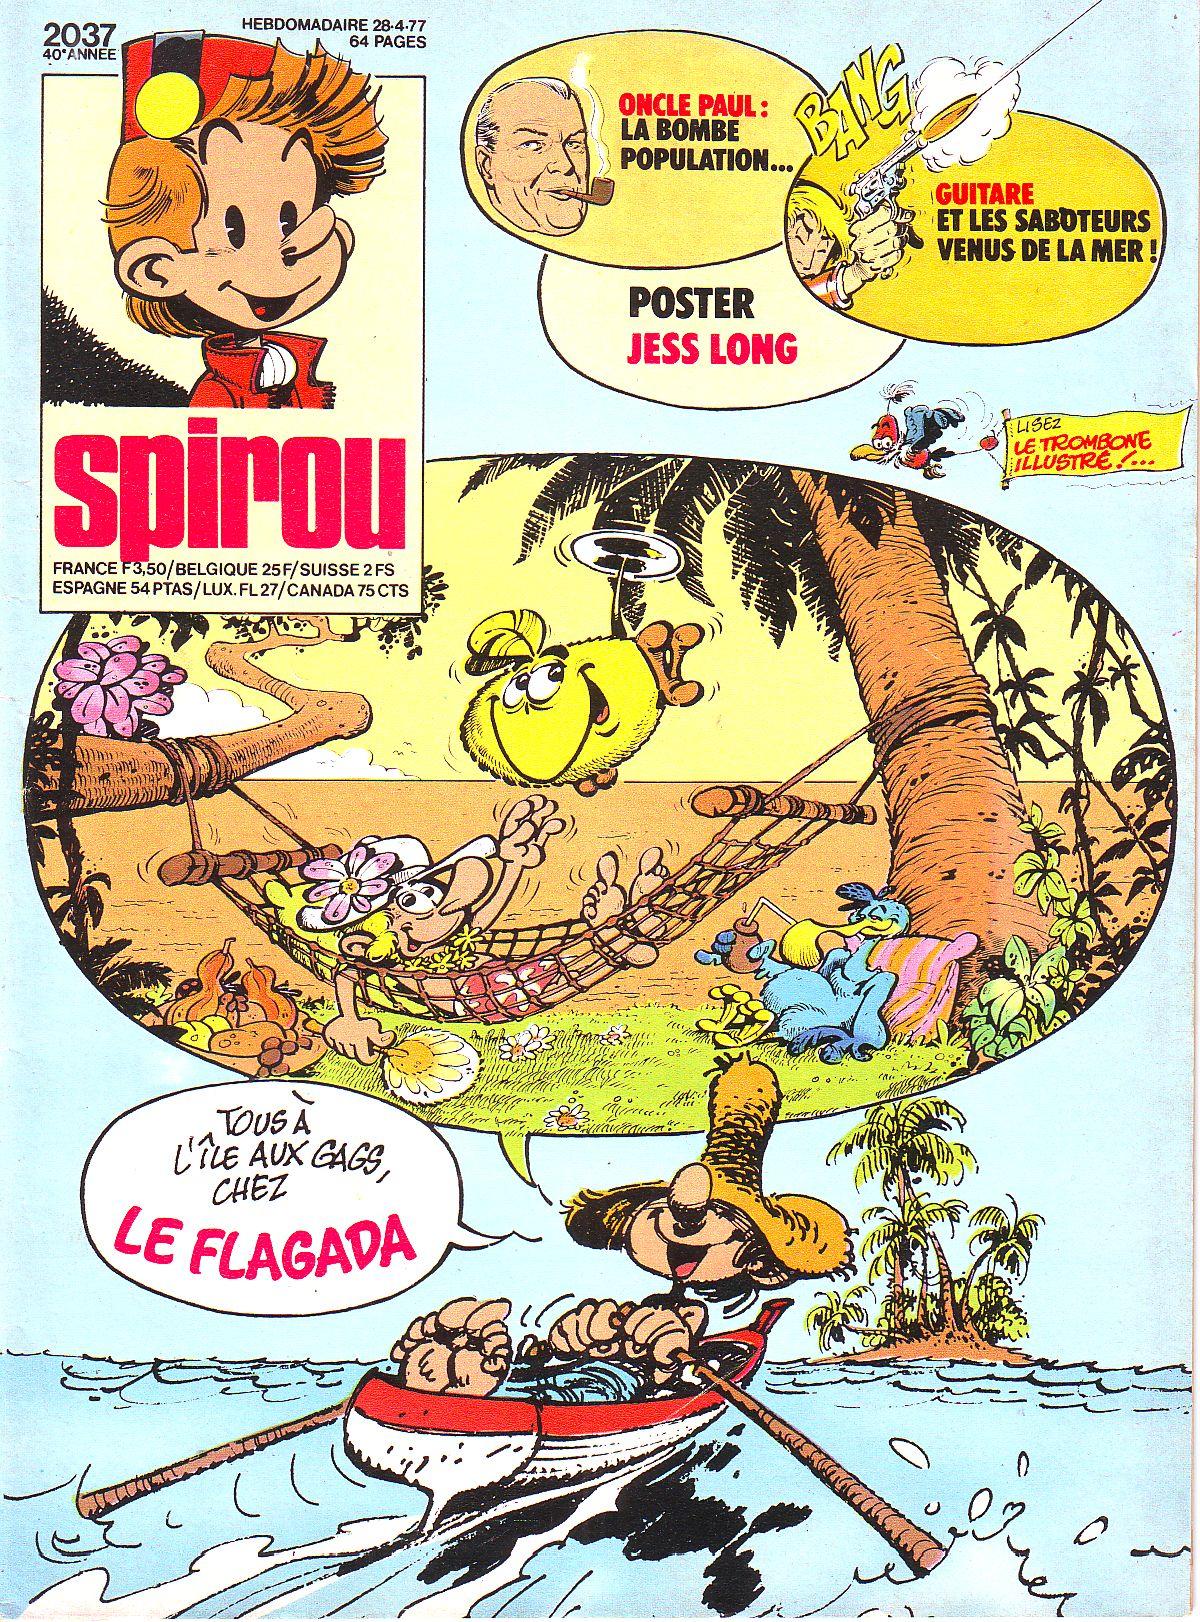 Le journal de Spirou 2037